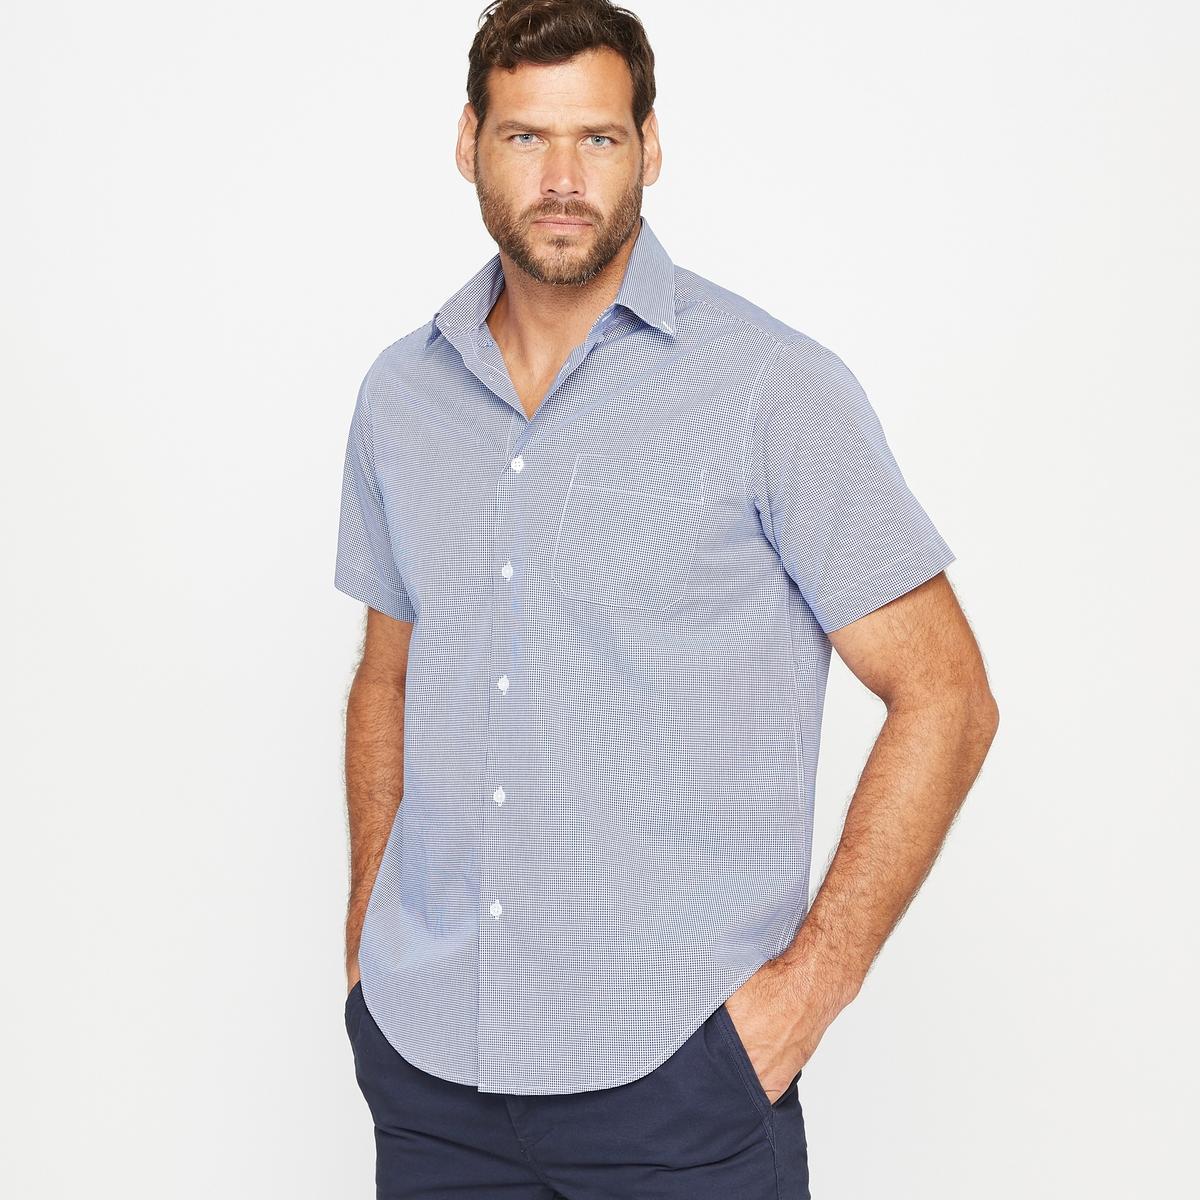 Рубашка, рост 1 и 2 (до 187 см)Материал : поплин из 100% хлопка.Рост 1 и 2  : Длина передней части от 80 до 87 см в зависимости от размера.Марка : CASTALUNA FOR MEN.Уход : Машинная стирка при 30 °C.<br><br>Цвет: в полоску белый/синий,наб. рисунок темно-синий,наб.рисунок/антрацит<br>Размер: 41/42.43/44.45/46.53/54.41/42